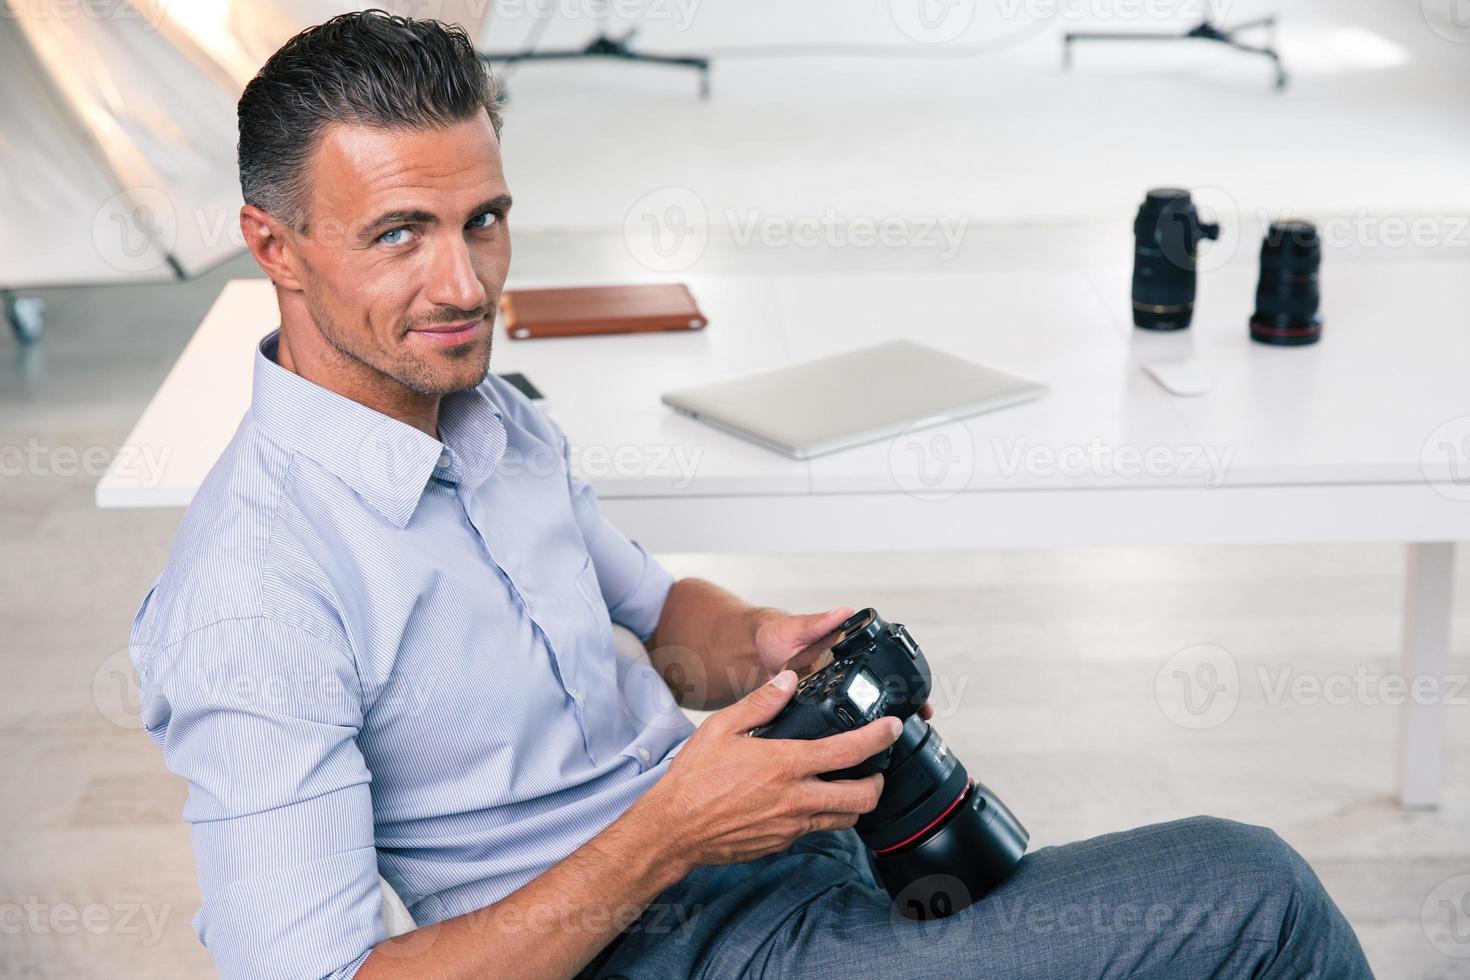 fotografo bello sorridente che usando macchina fotografica foto